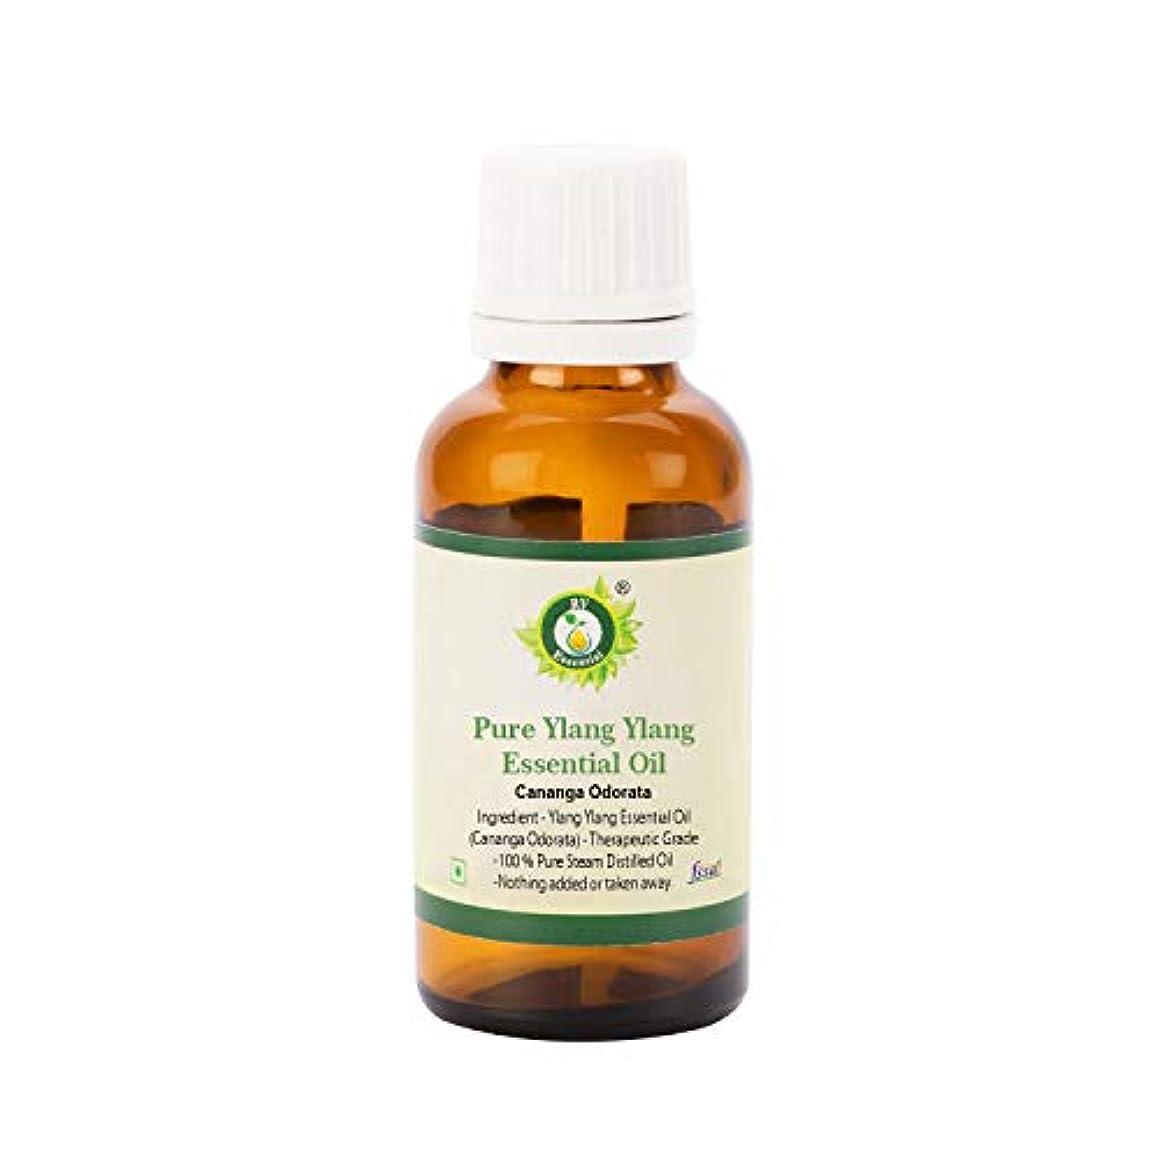 連合リード成長するR V Essential ピュアイランイランエッセンシャルオイル10ml (0.338oz)- Cananga Odorata (100%純粋&天然スチームDistilled) Pure Ylang Ylang Essential Oil